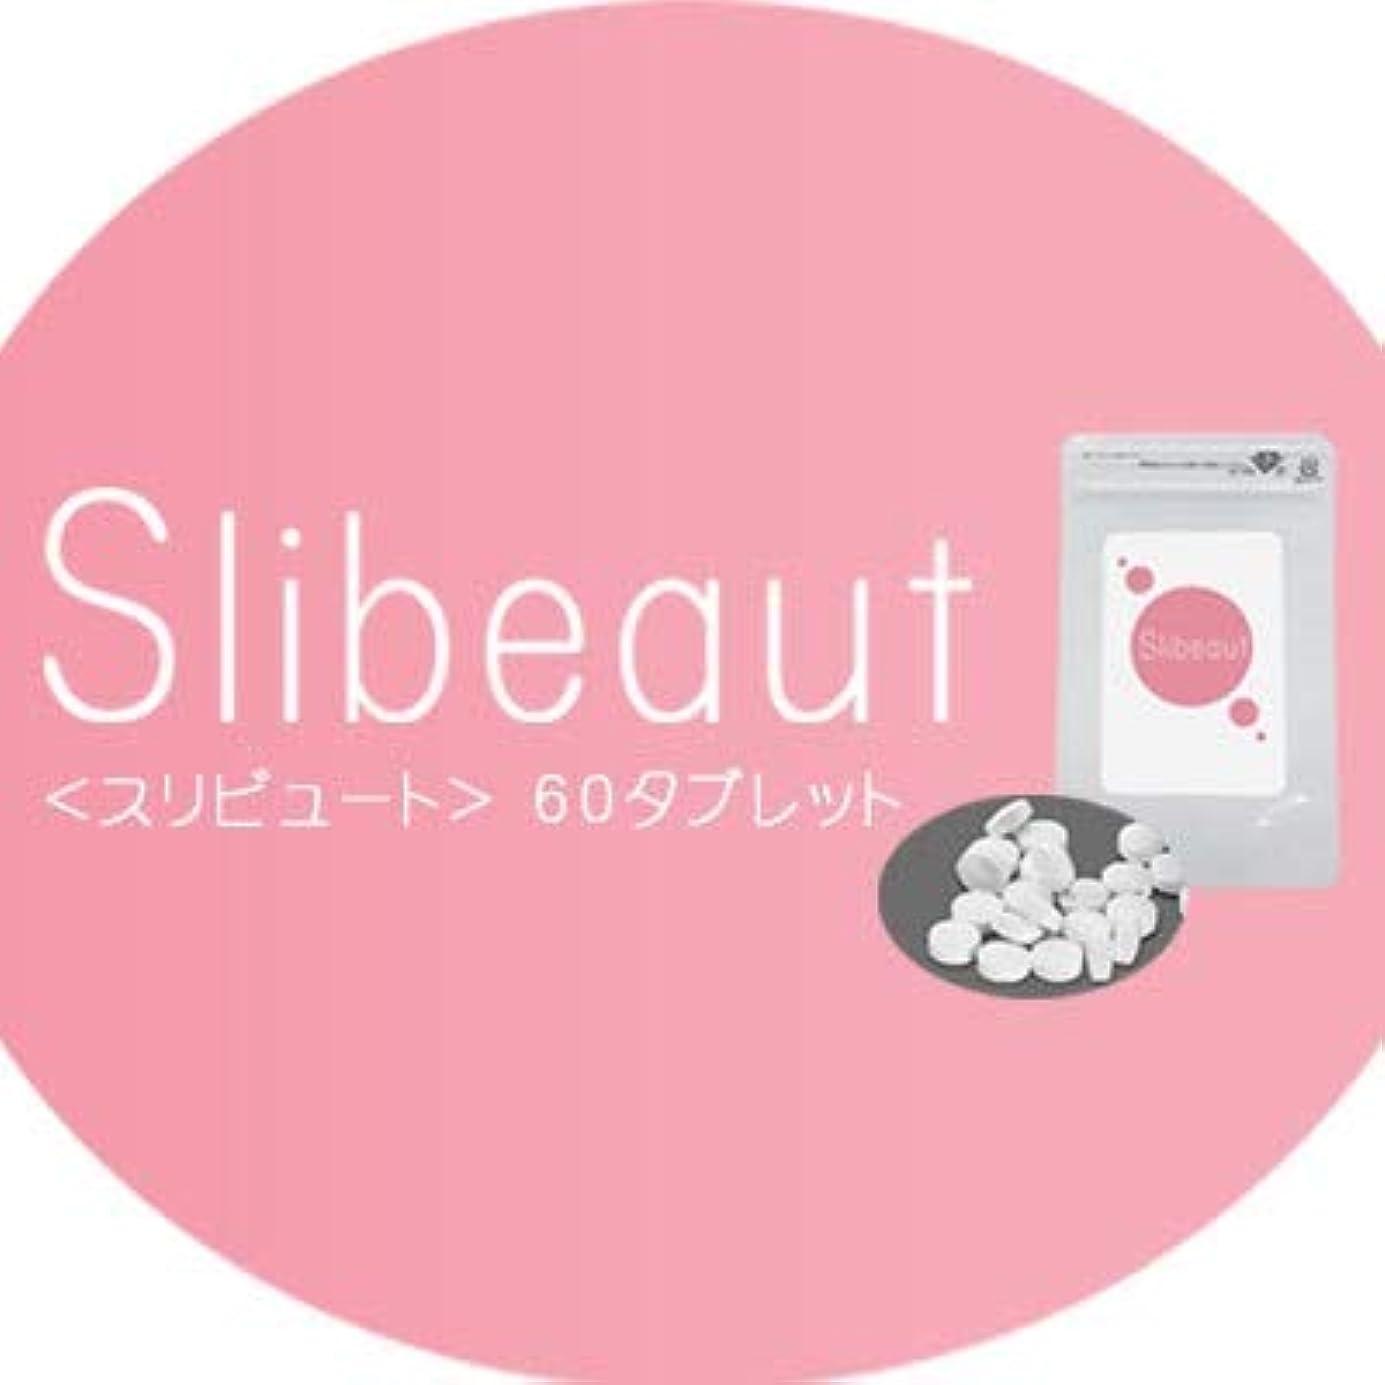 深さ苦痛引っ張るSlibeaut(スリビュート)~ダイエットサポートサプリ~